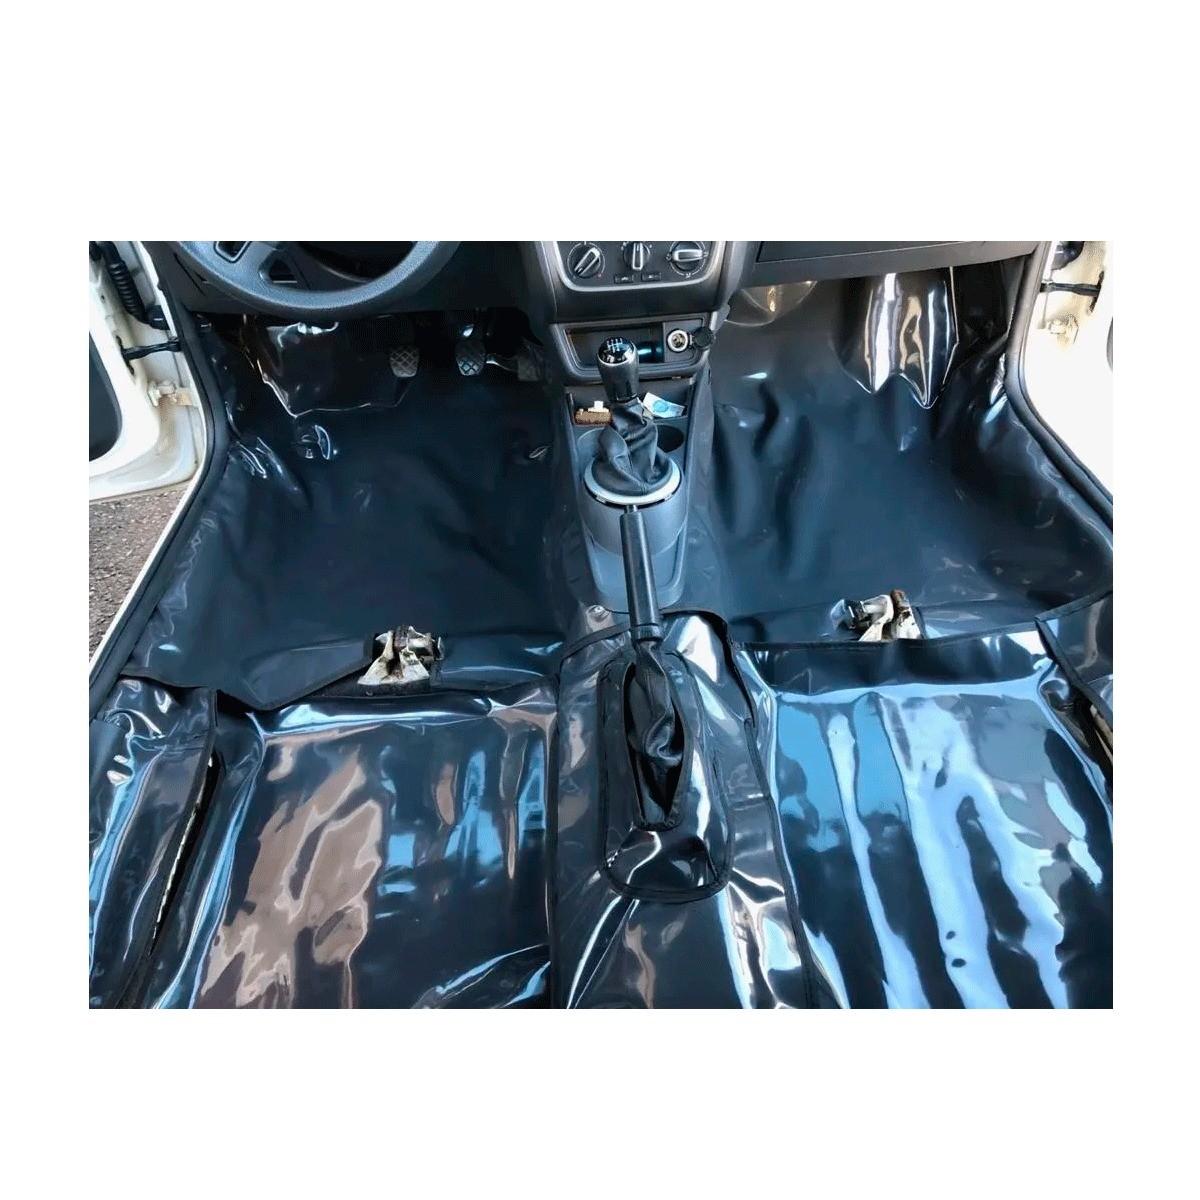 TAPETE AUTOMOTIVO PARA O VOYAGE G5 G6 G7 G8 EM VINIL GRAFITE